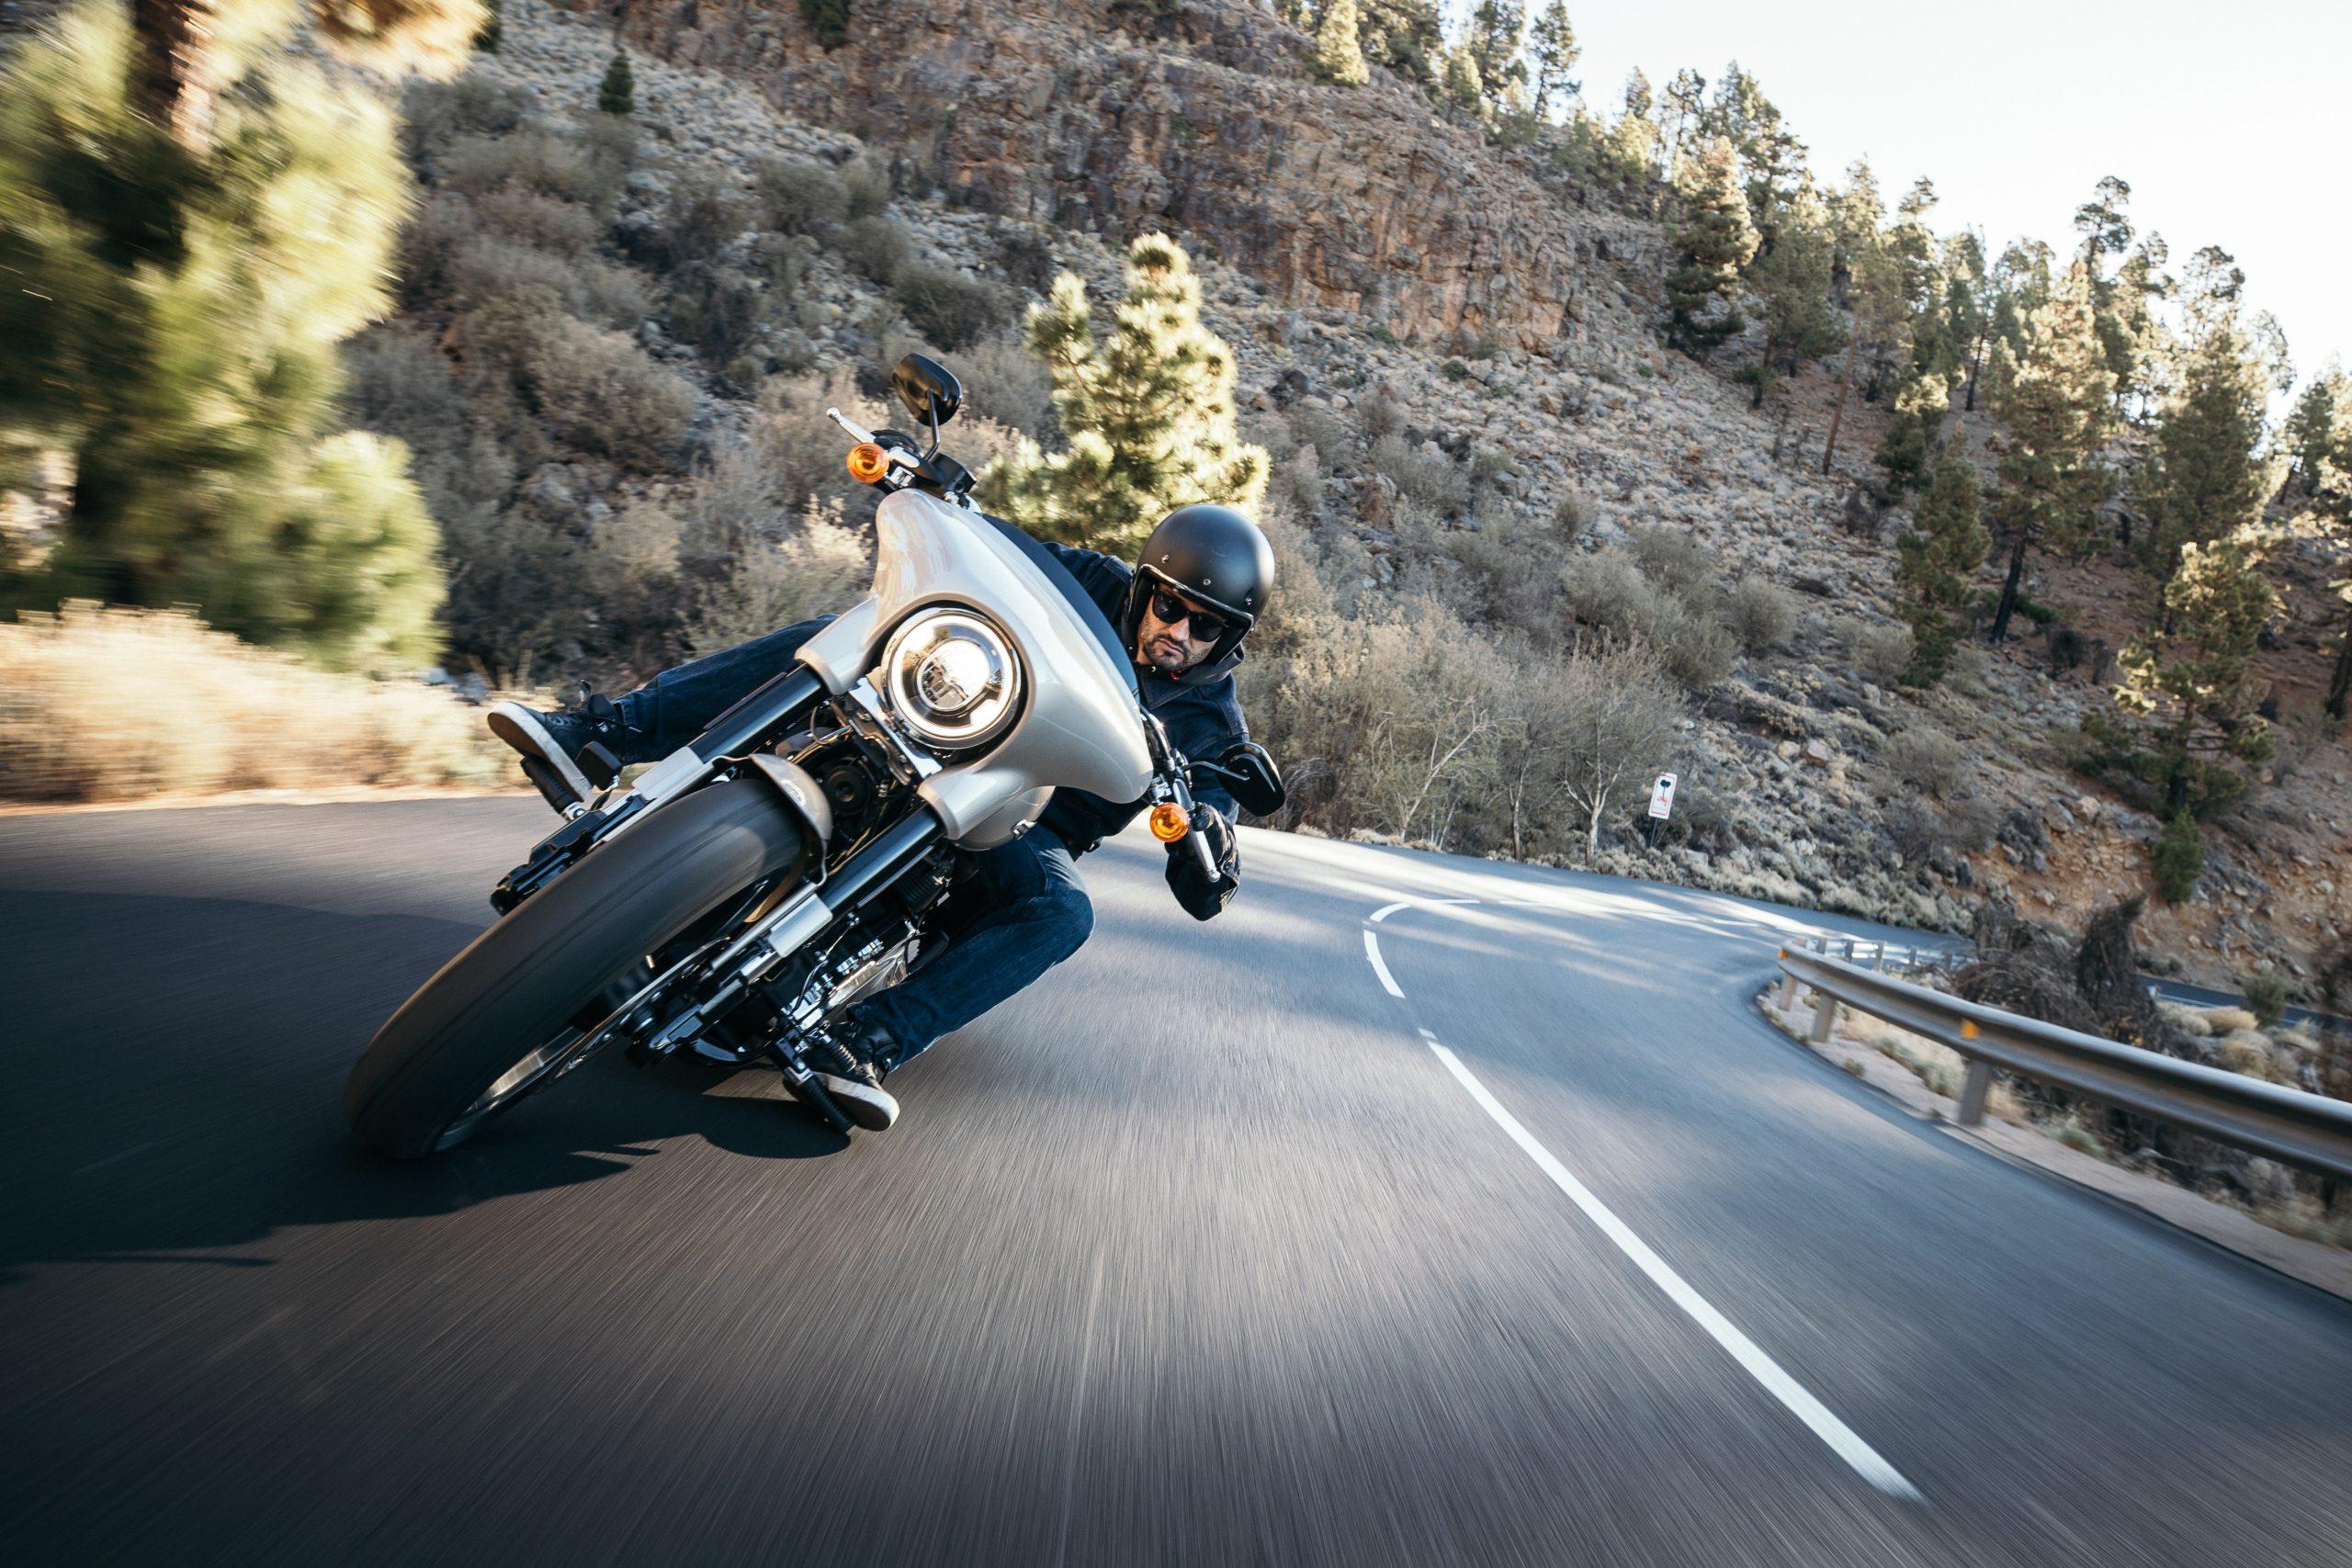 Man riding speeding Motorcycle